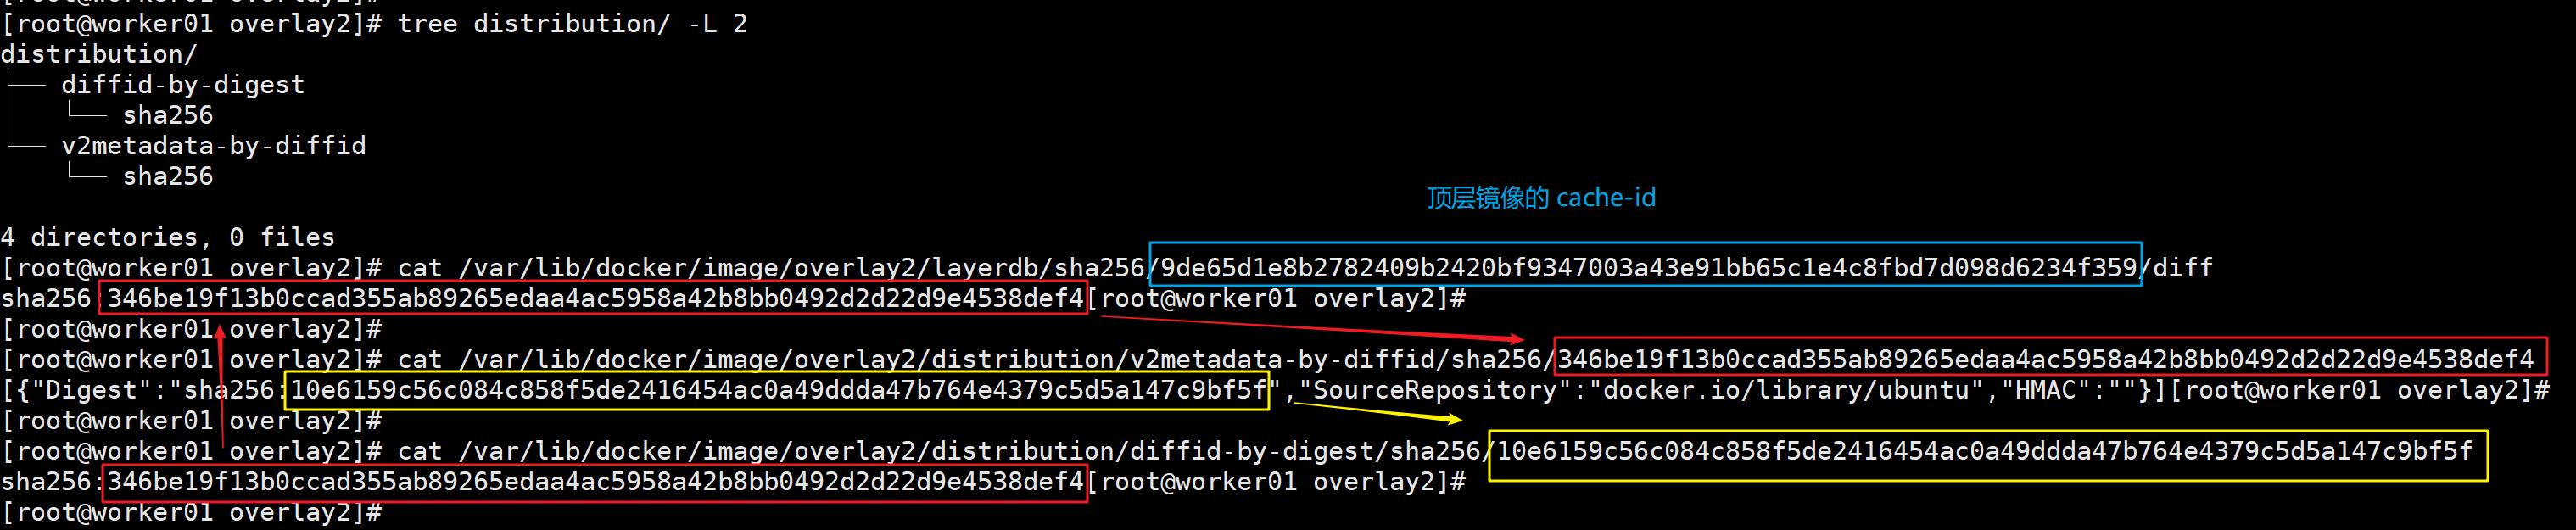 深入理解 Docker 容器镜像分层的原理插图(1)